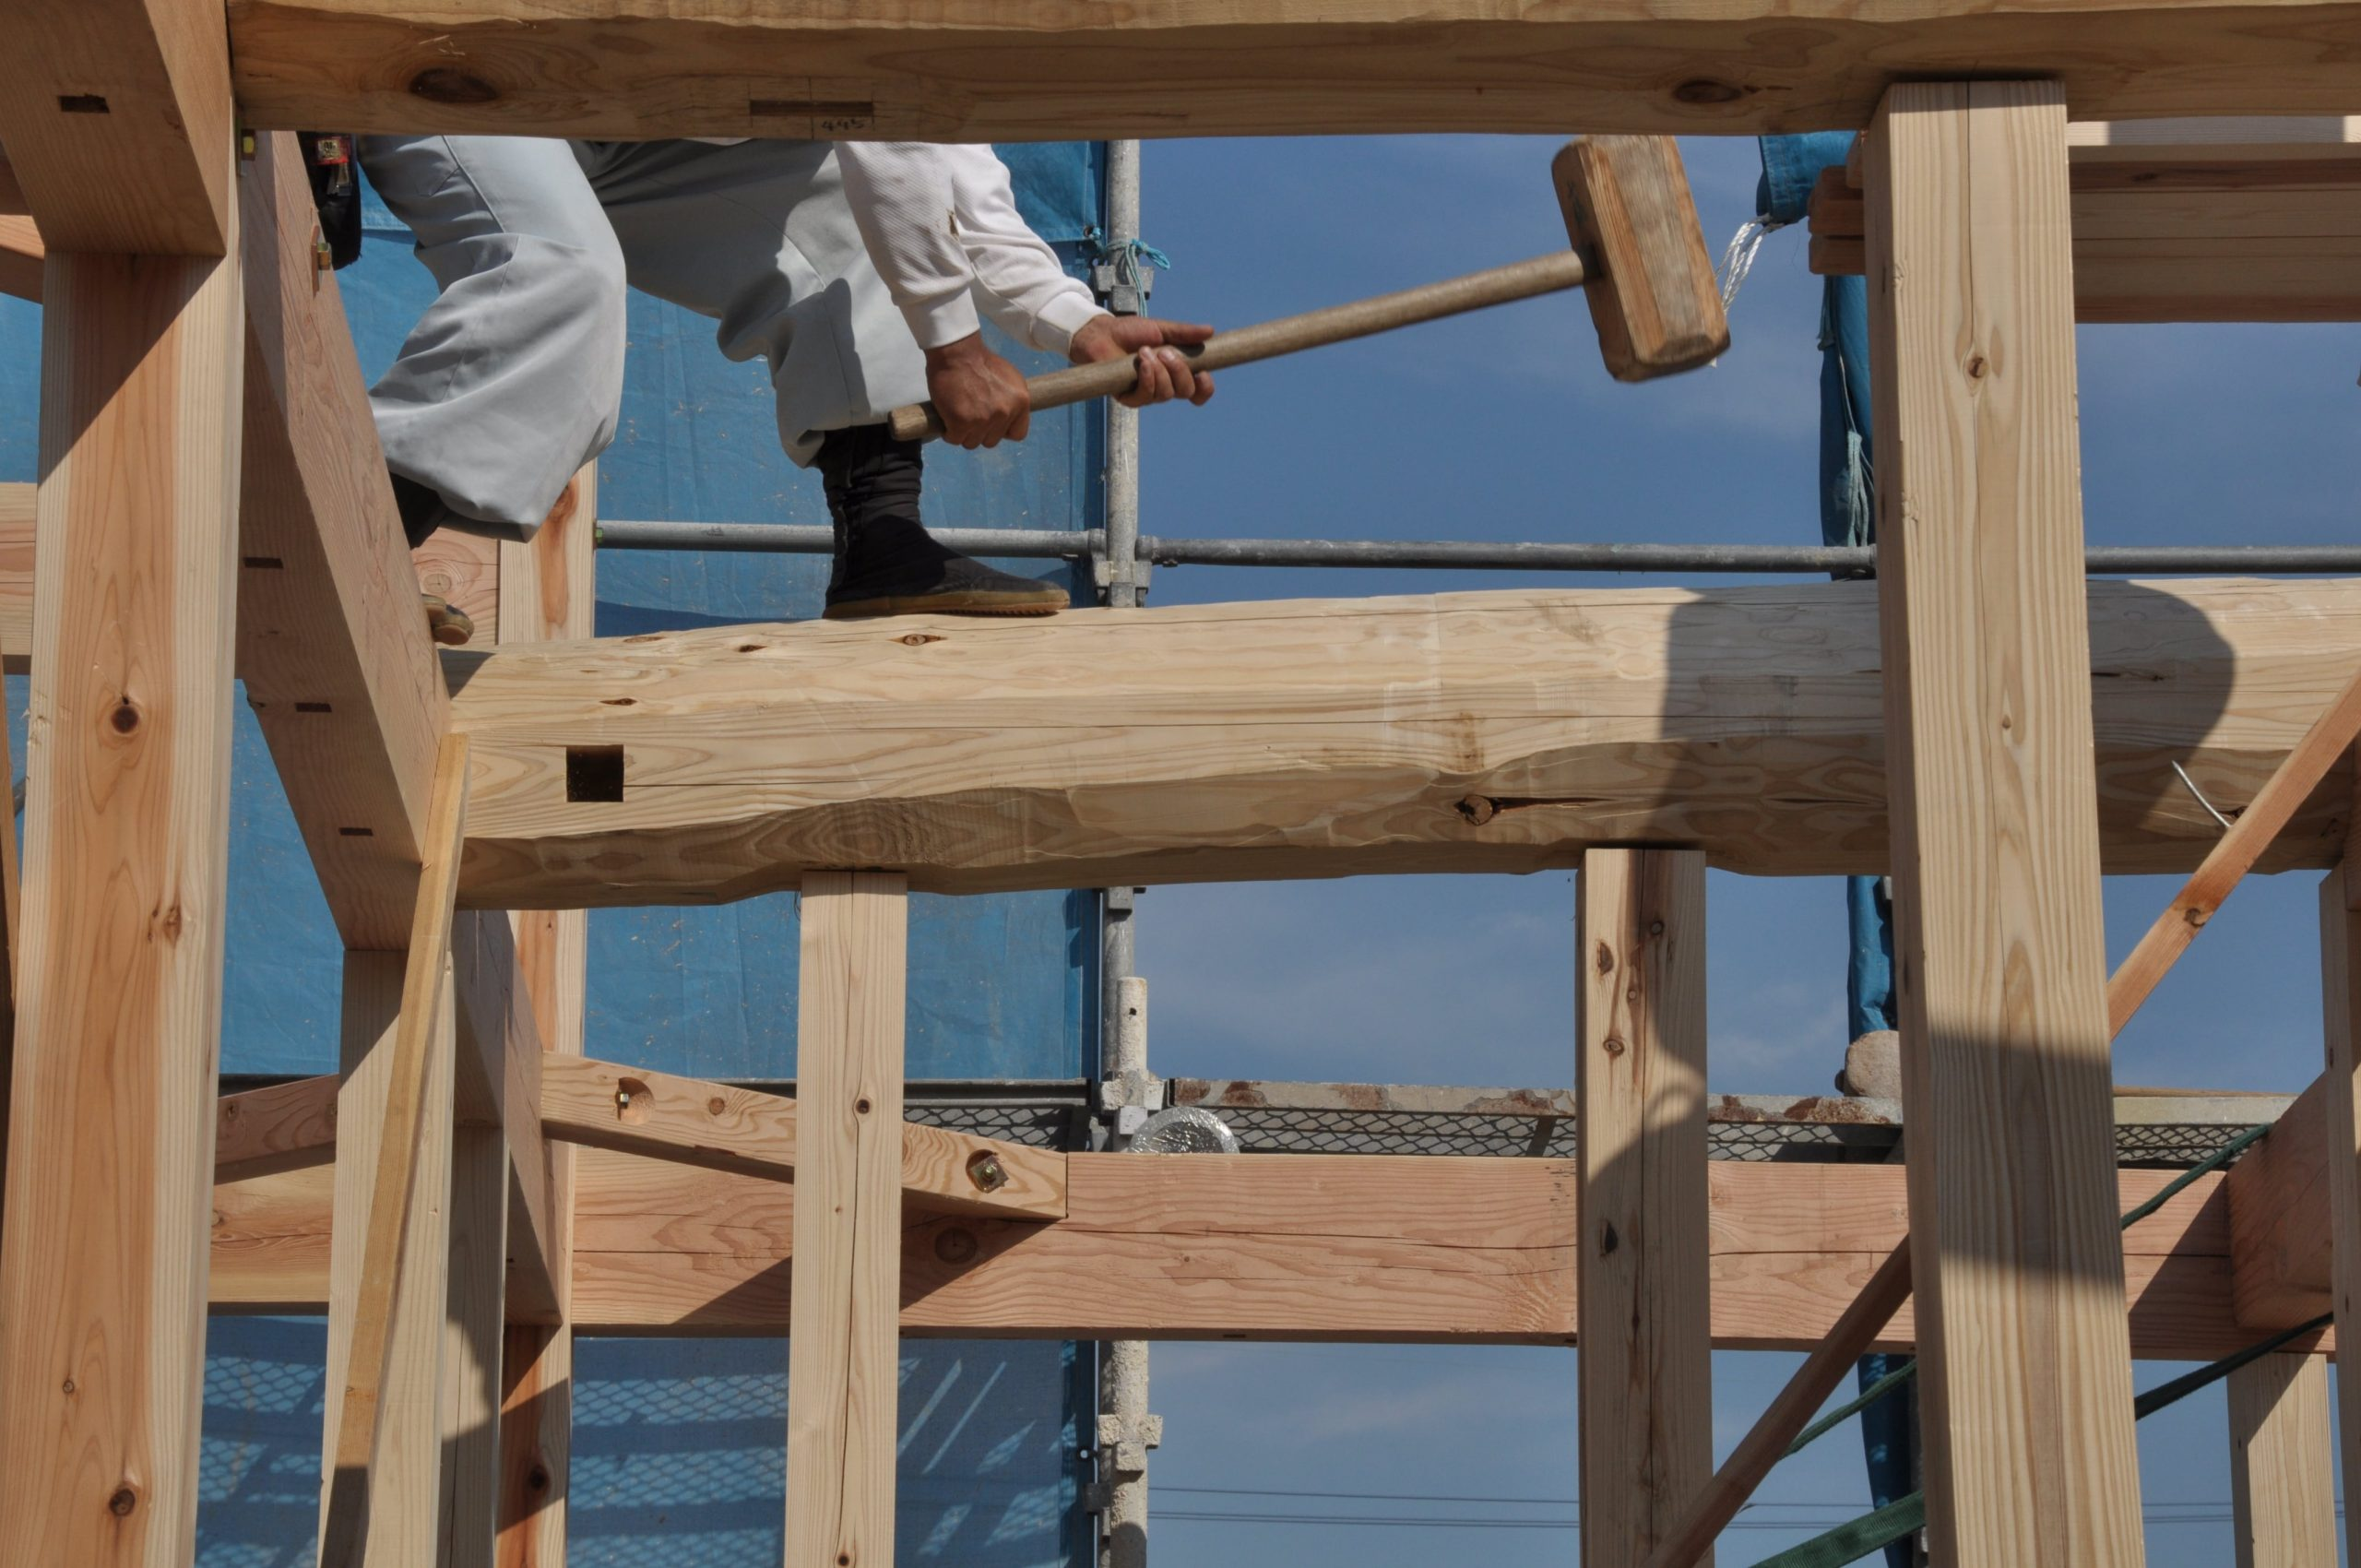 「愛知県」「名古屋」で『設計事務所』をお探しの方へ!!東海地方の店舗・カフェデザインを得意とする老舗『小牧市の和田建設』の、設計・施工・木造住宅のリフォーム(改装 増改築)がおすすめです♪